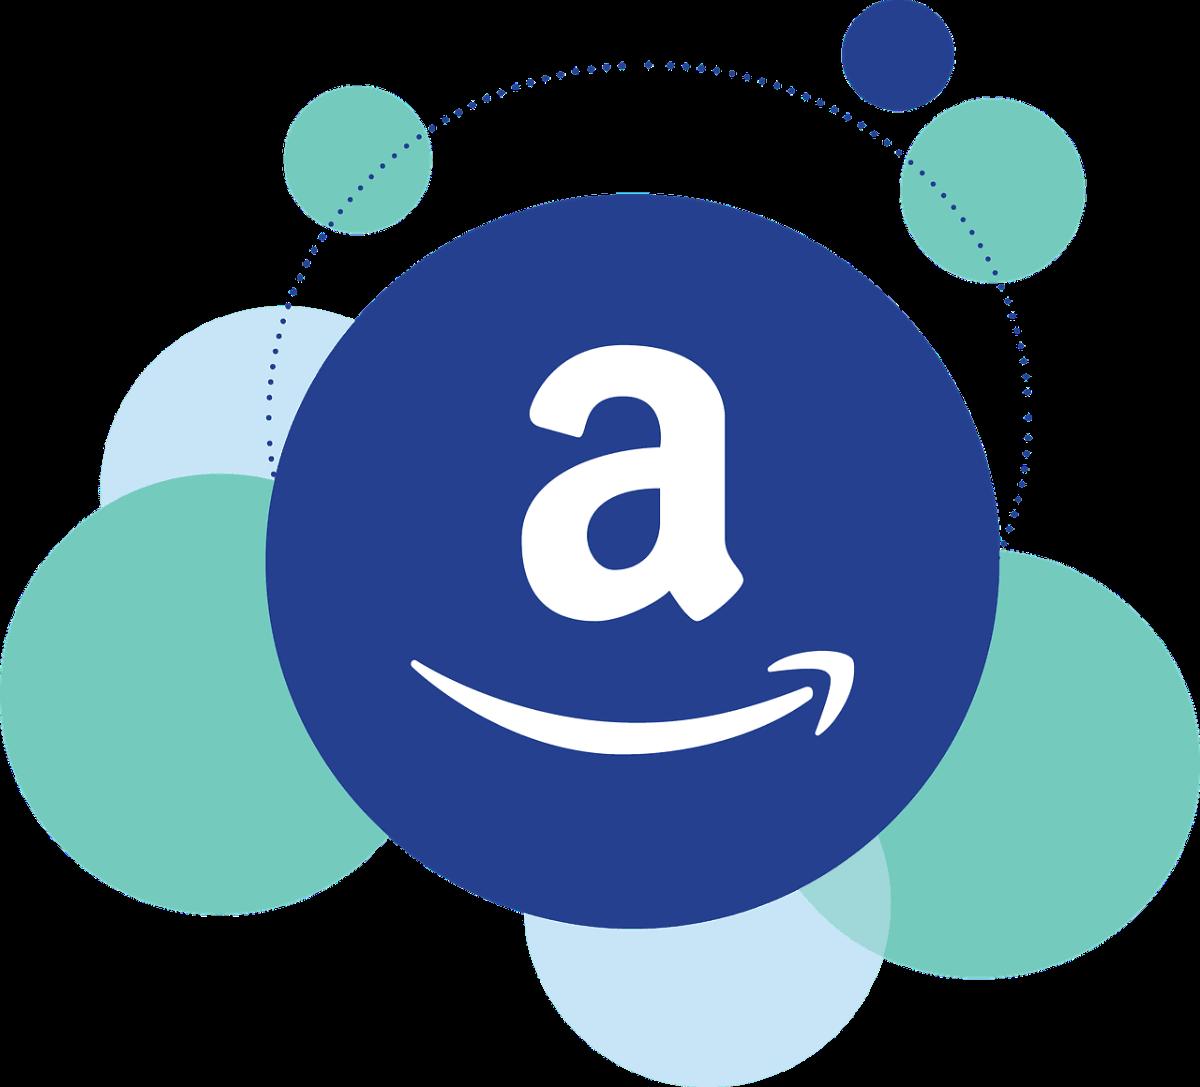 Poradie: Amazontop 10 najväčších akvizícií vôbec 1